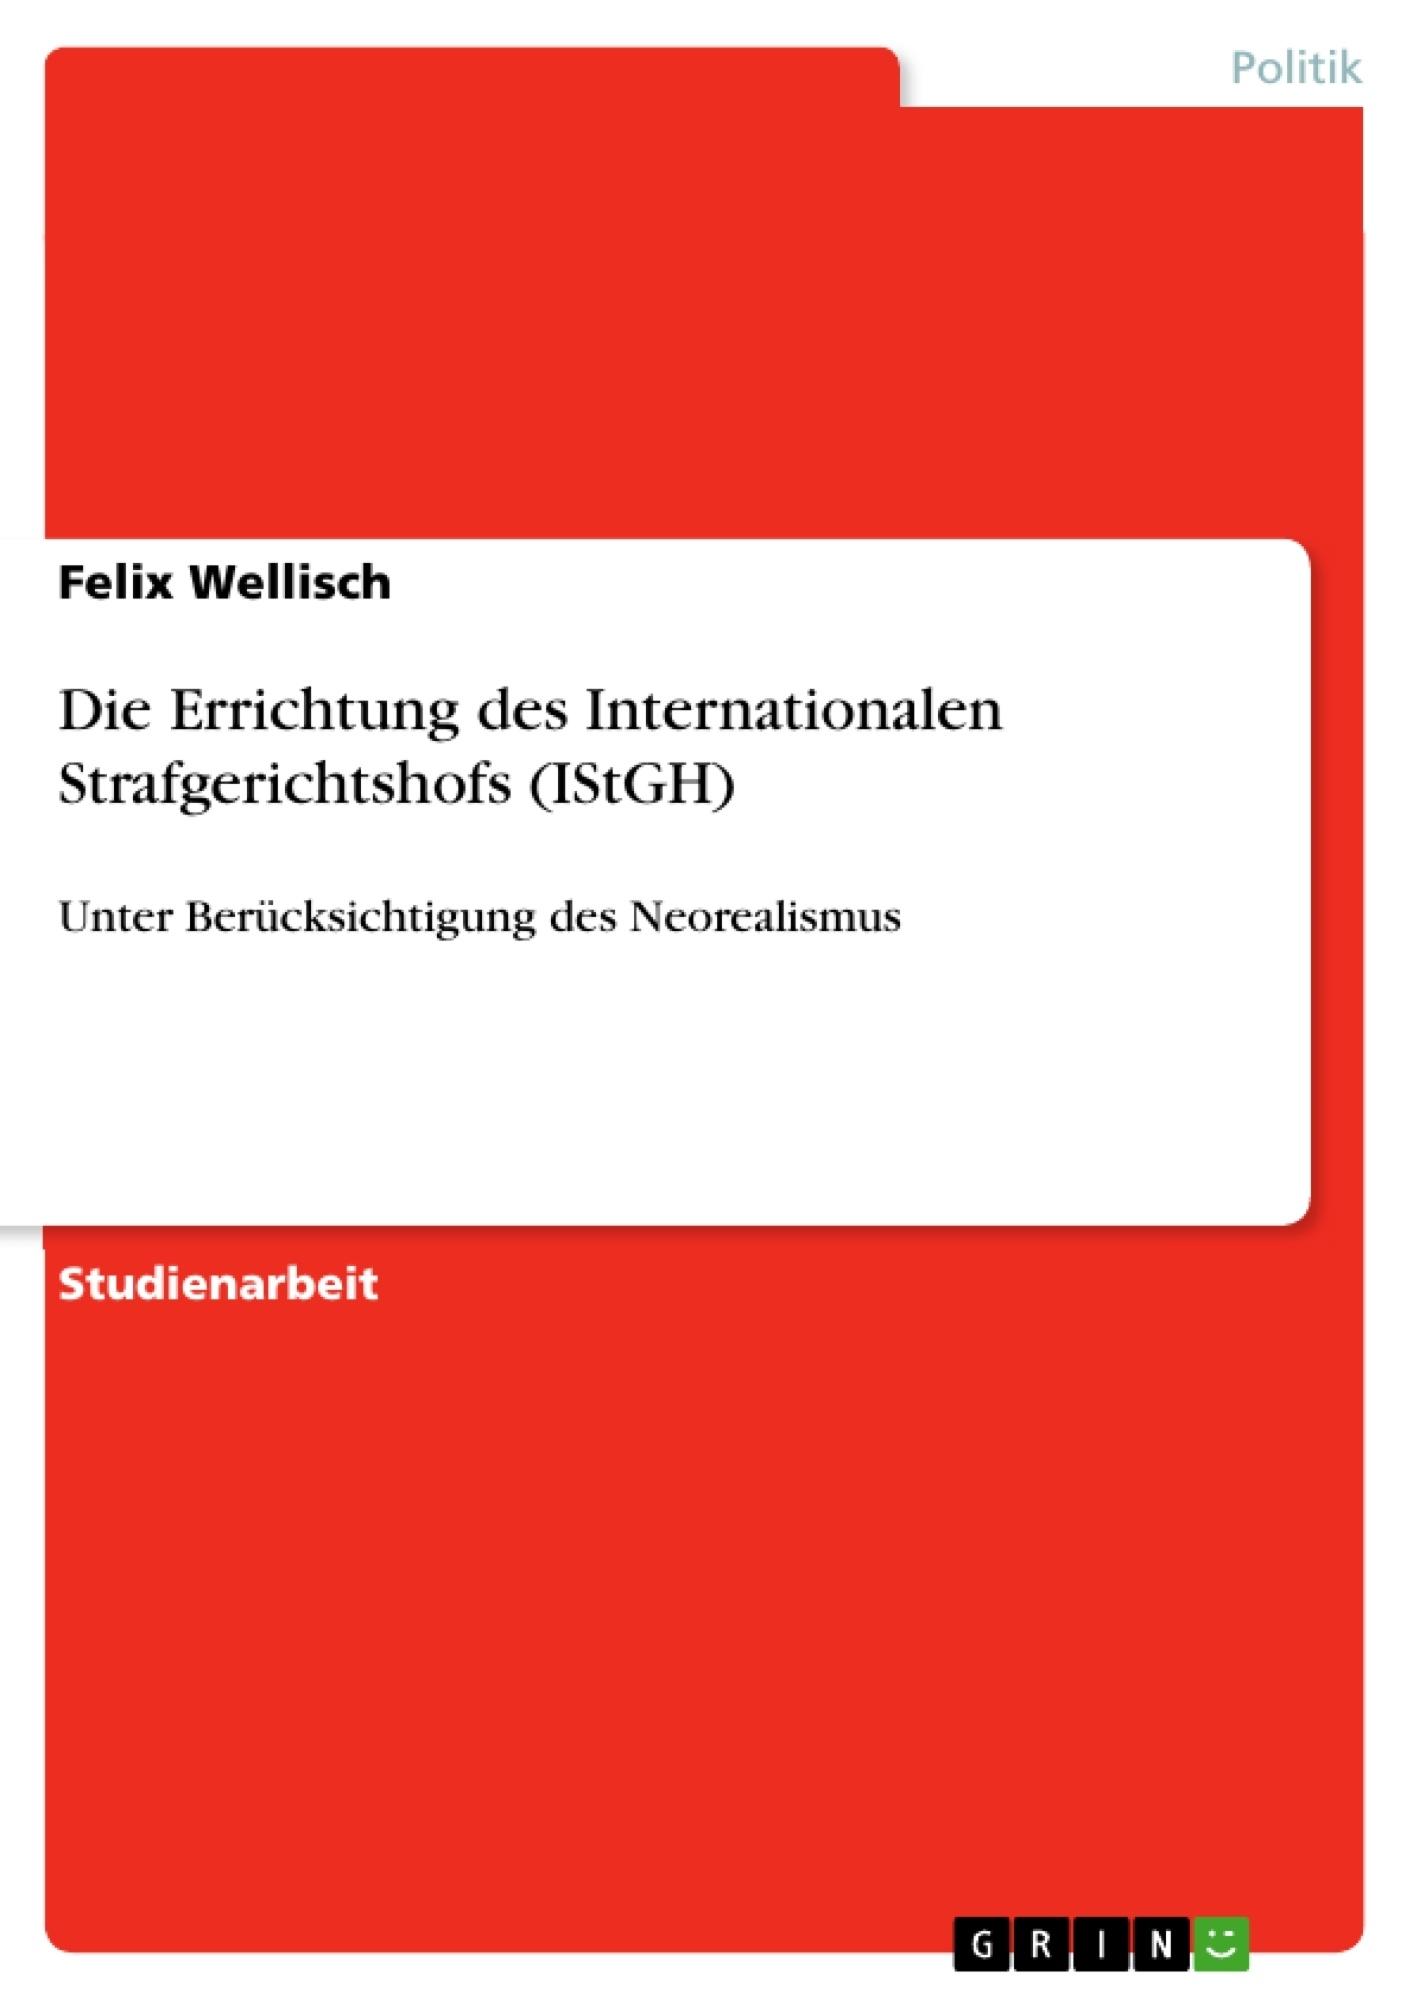 Titel: Die Errichtung des Internationalen Strafgerichtshofs (IStGH)